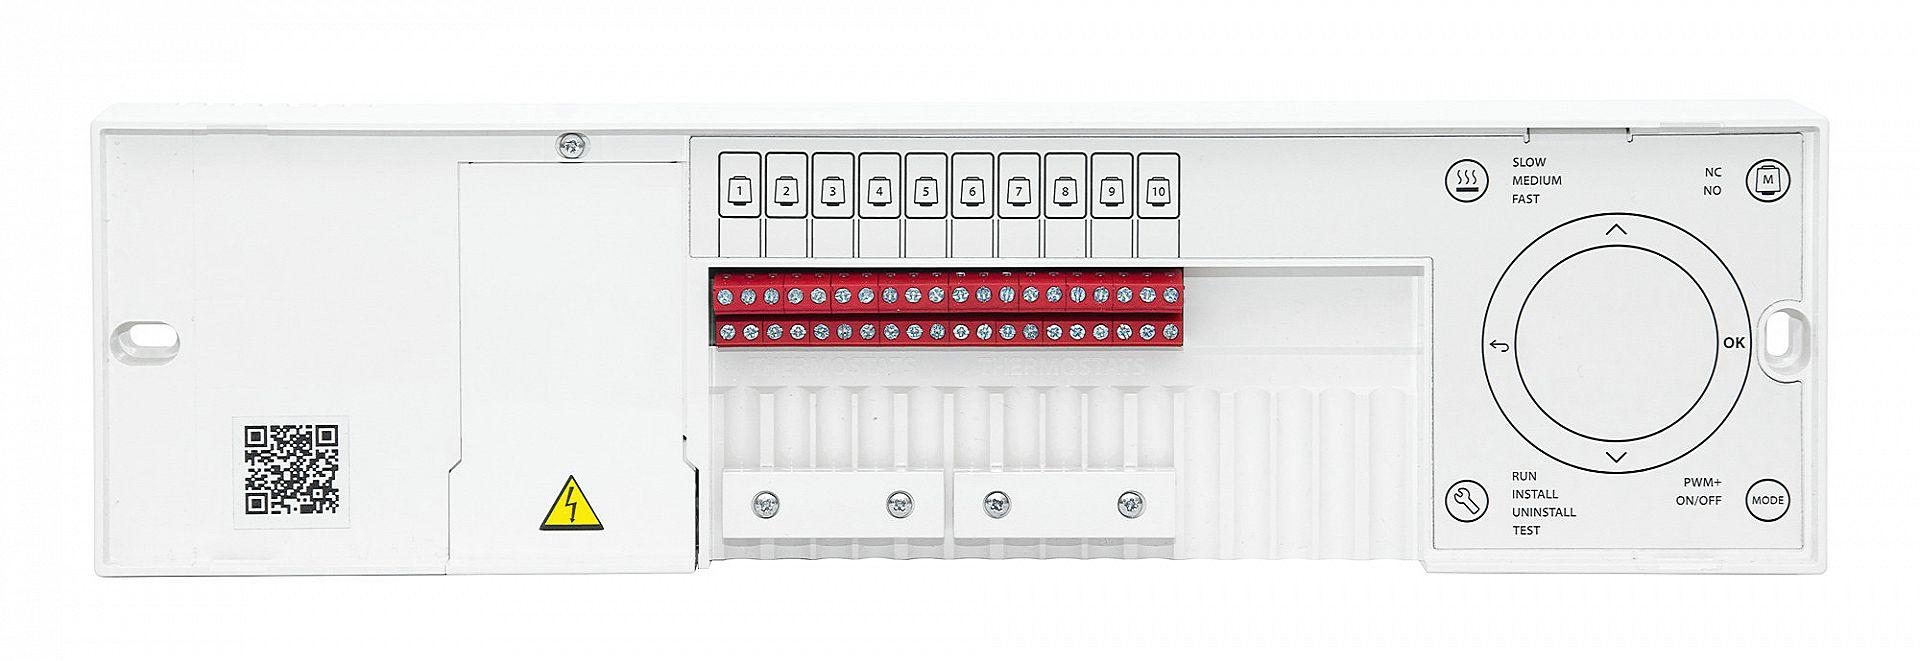 Riadiaci regulátor, 24V DC, 15 výstupov